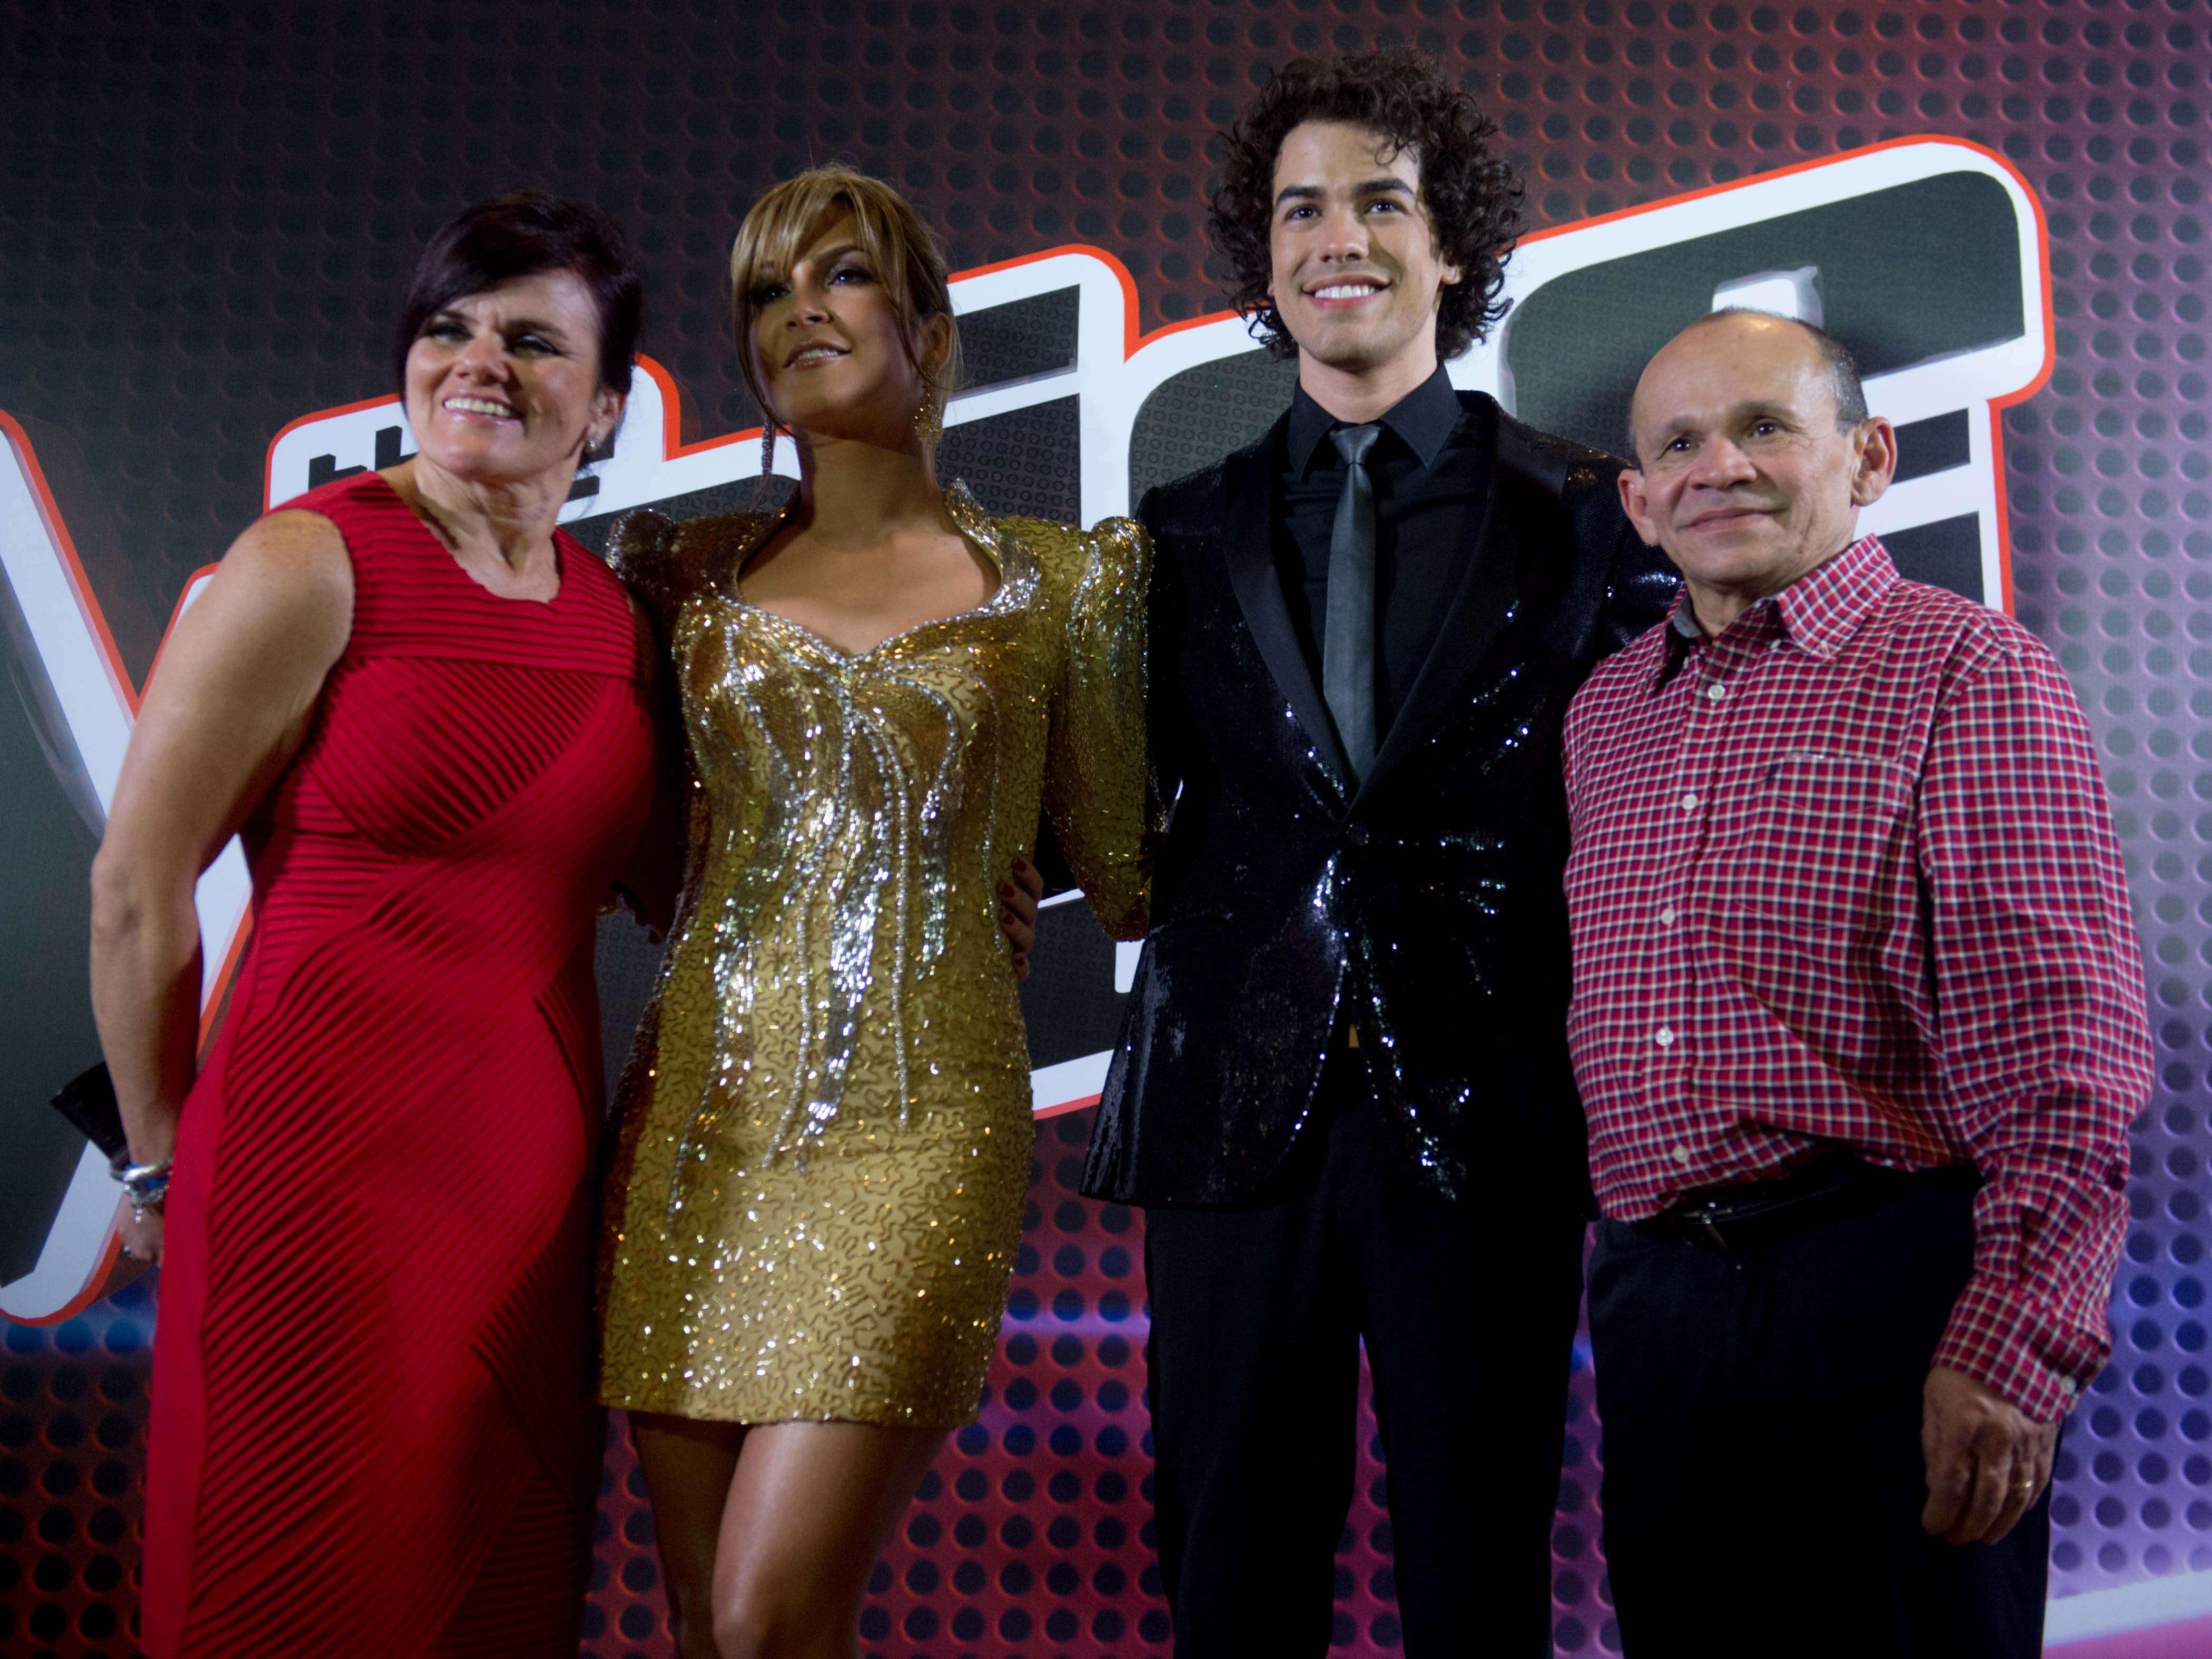 Sam Alves foi o grande vencedor do The Voice Brasil, a final aconteceu na noite de quinta-feira (26). Os participantes Pedro Lima, Rubens Daniel e Lucy Alves disputaram com Sam a preferencia do público Foto: Mauro Pimentel/Terra